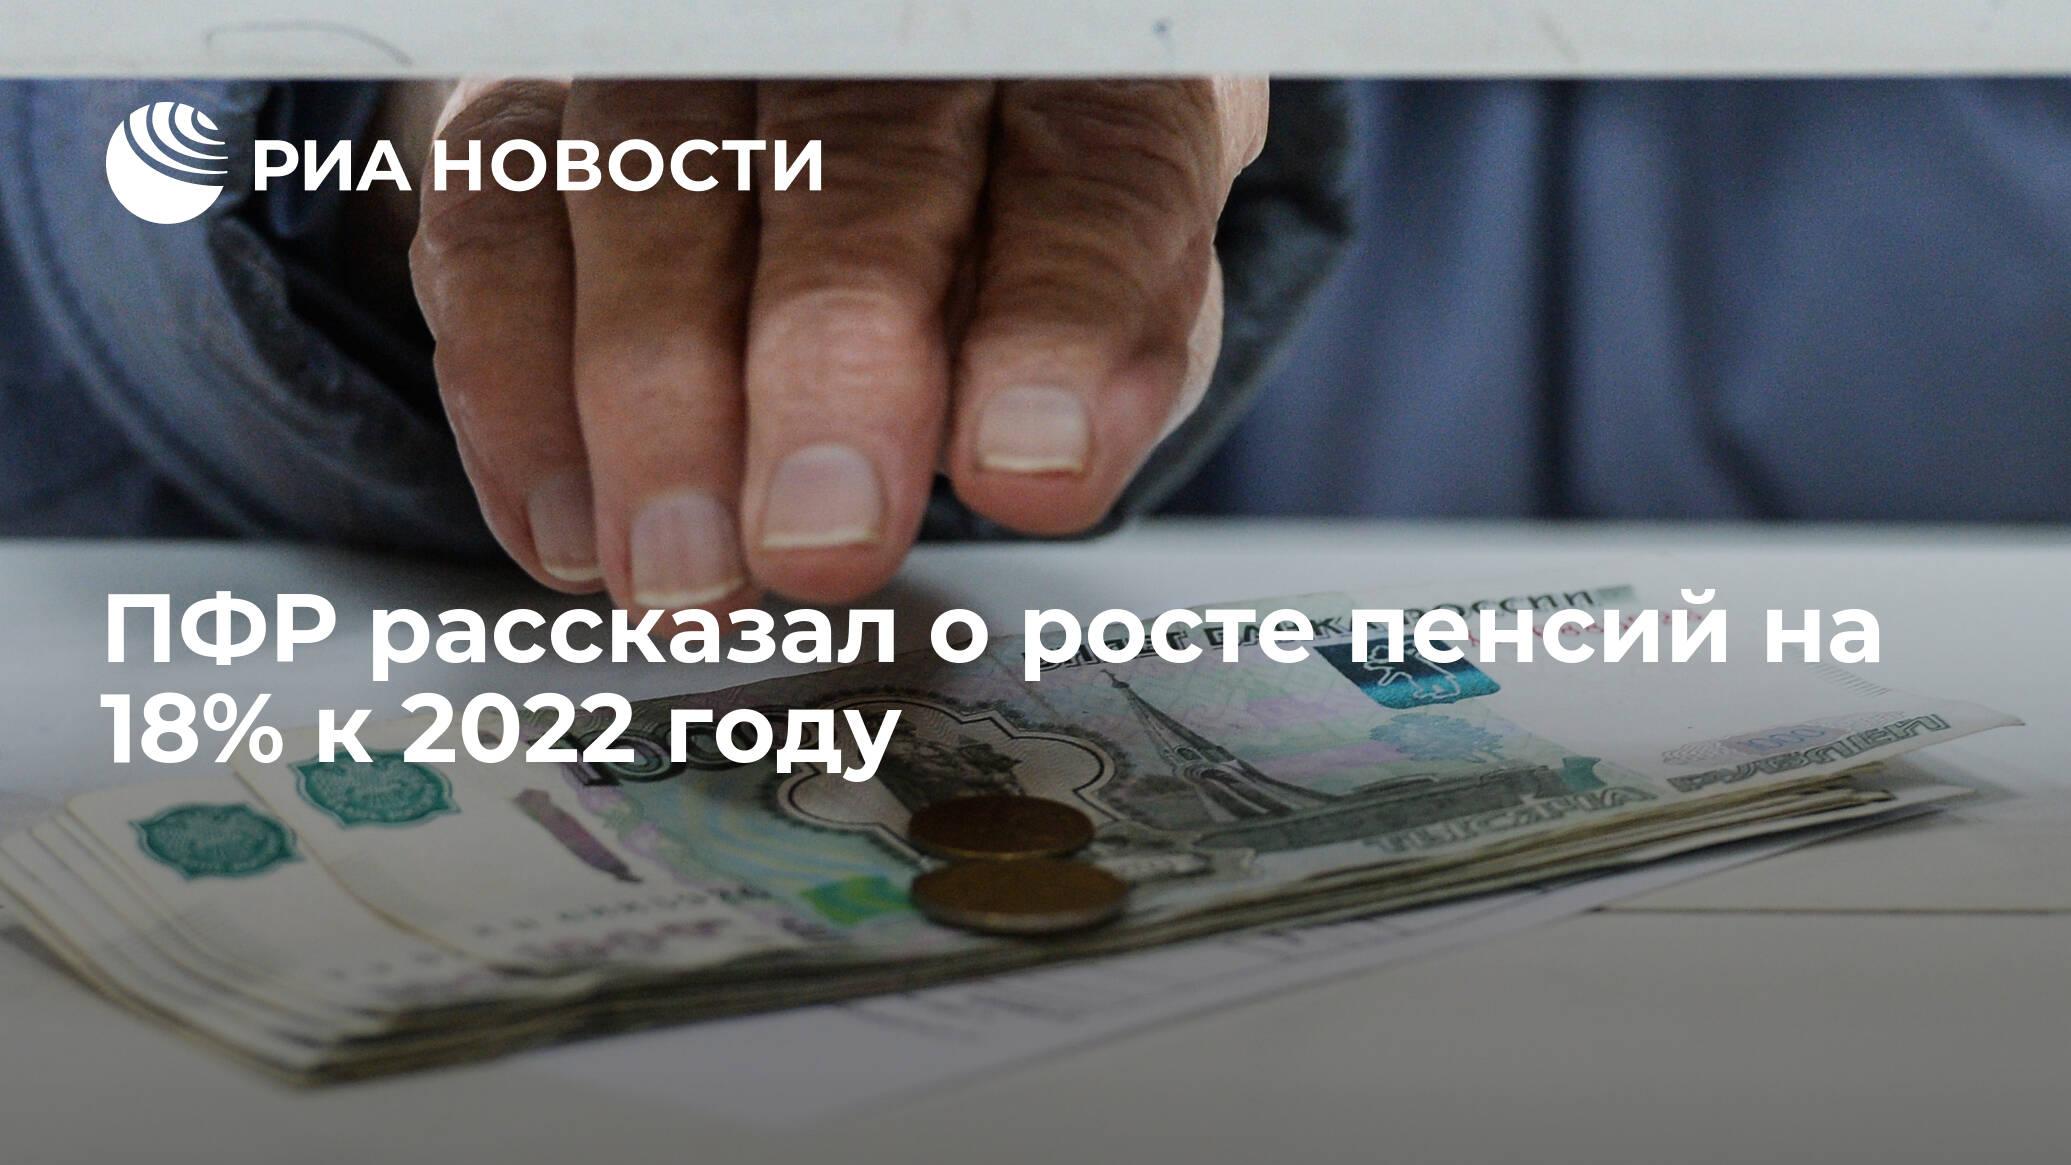 ПФР рассказал о росте пенсий на 18% к 2022 году